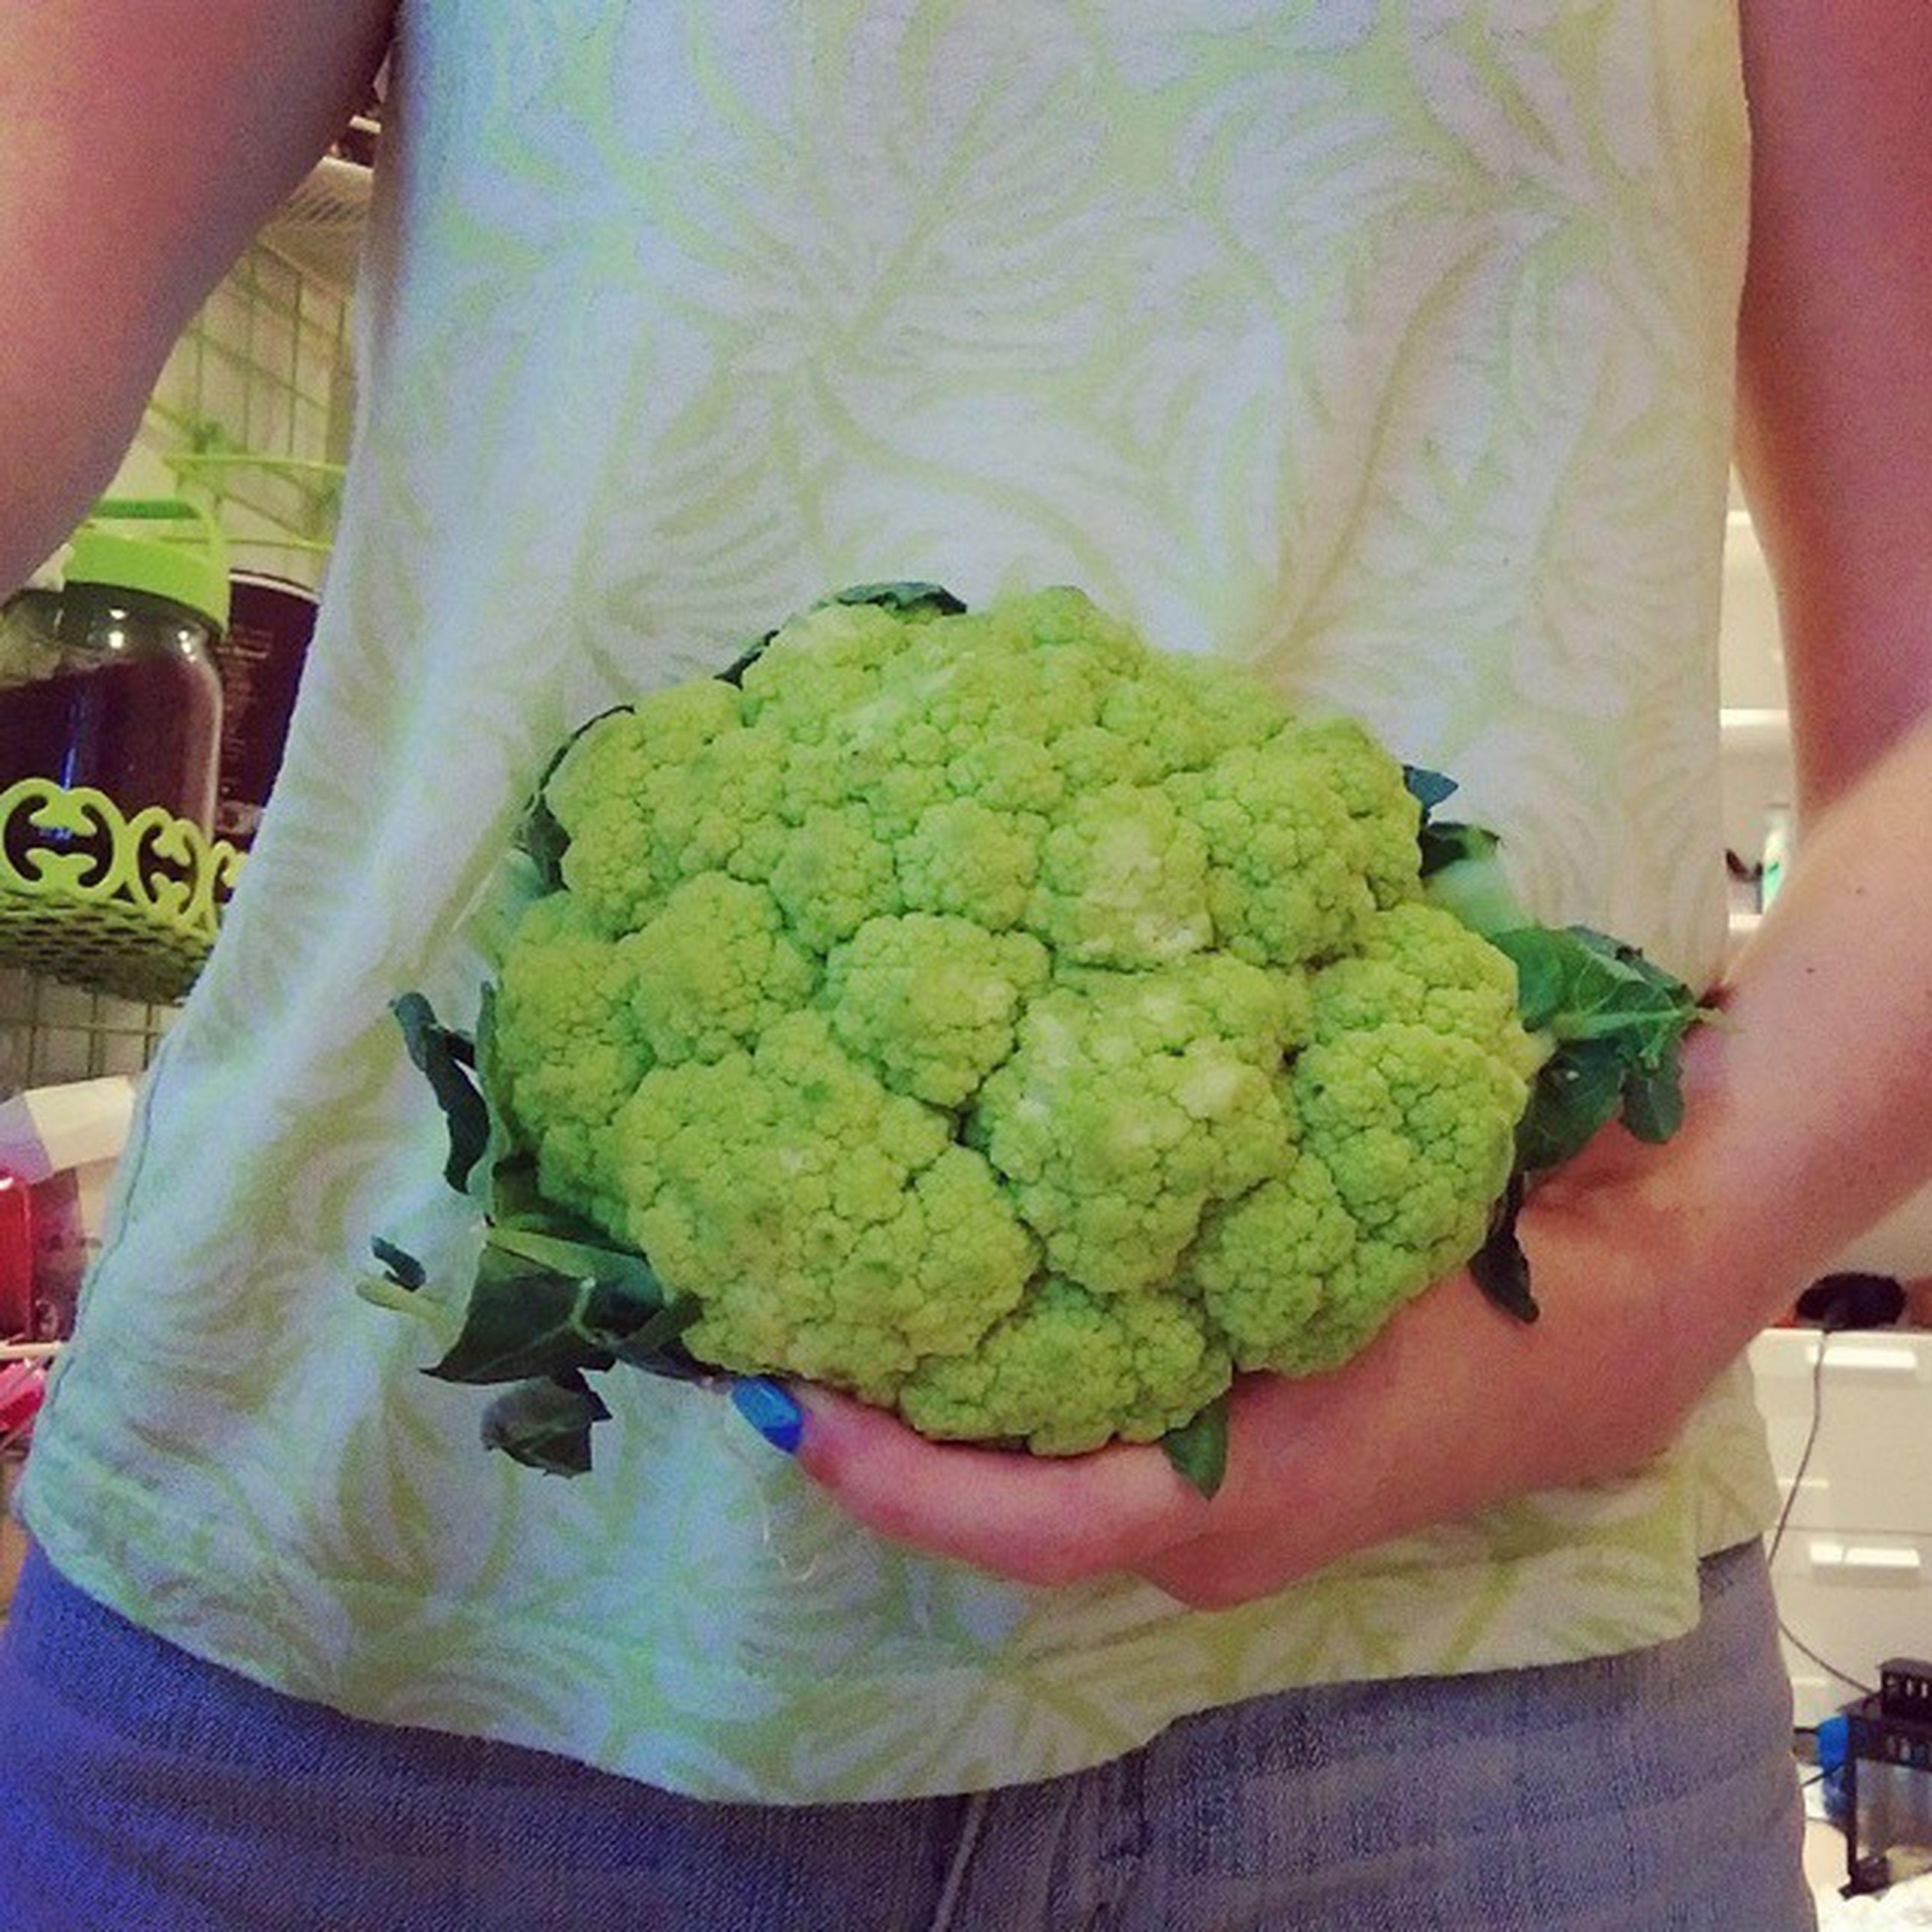 A beautiful Bouquet of Broccoliflower Broccoli Cauliflower Hybrid Greencauliflower Vegetables Greens Fitforabride Healthy Fresh